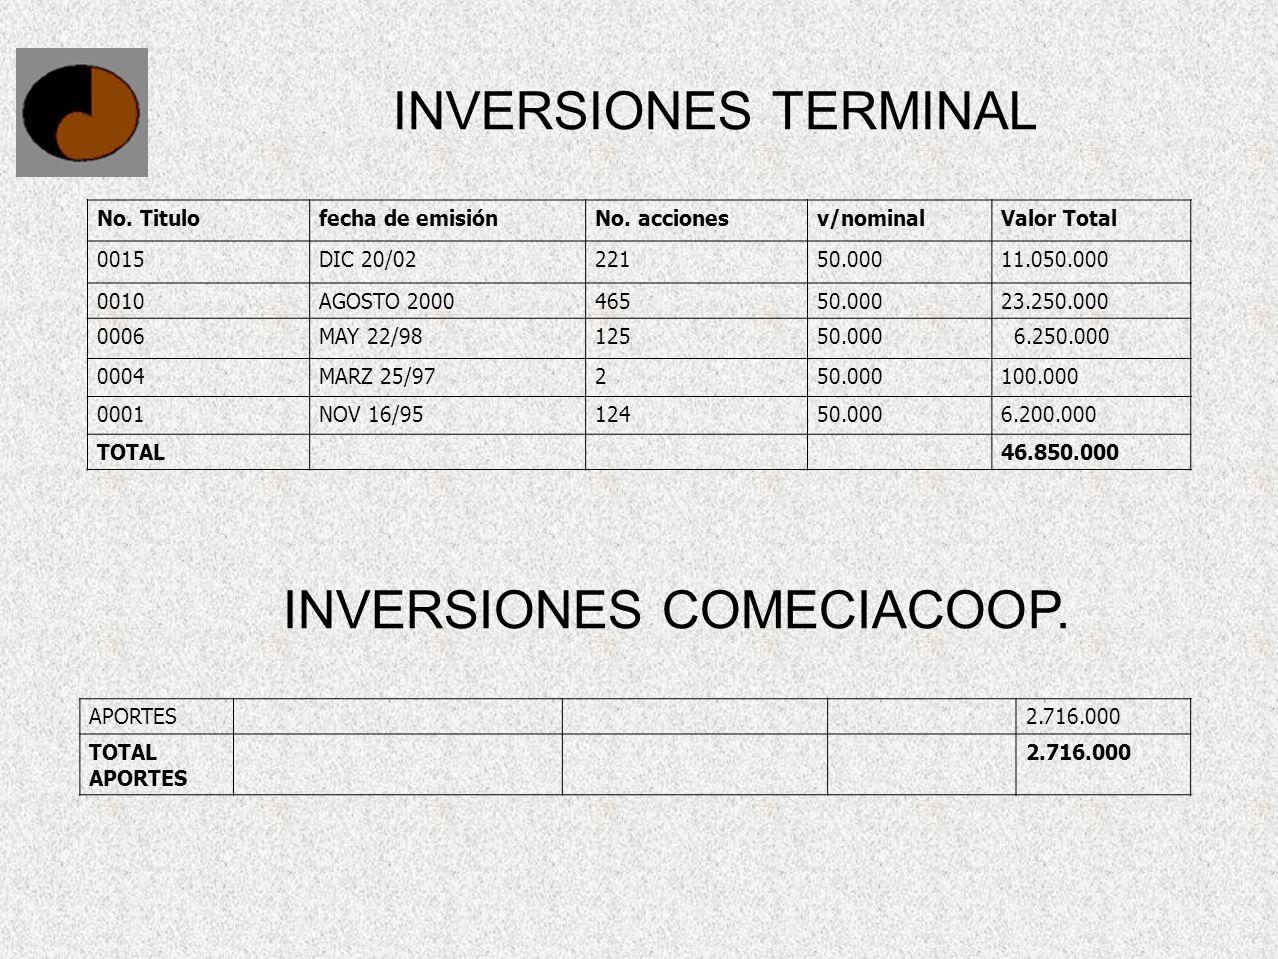 INVERSIONES COMECIACOOP.